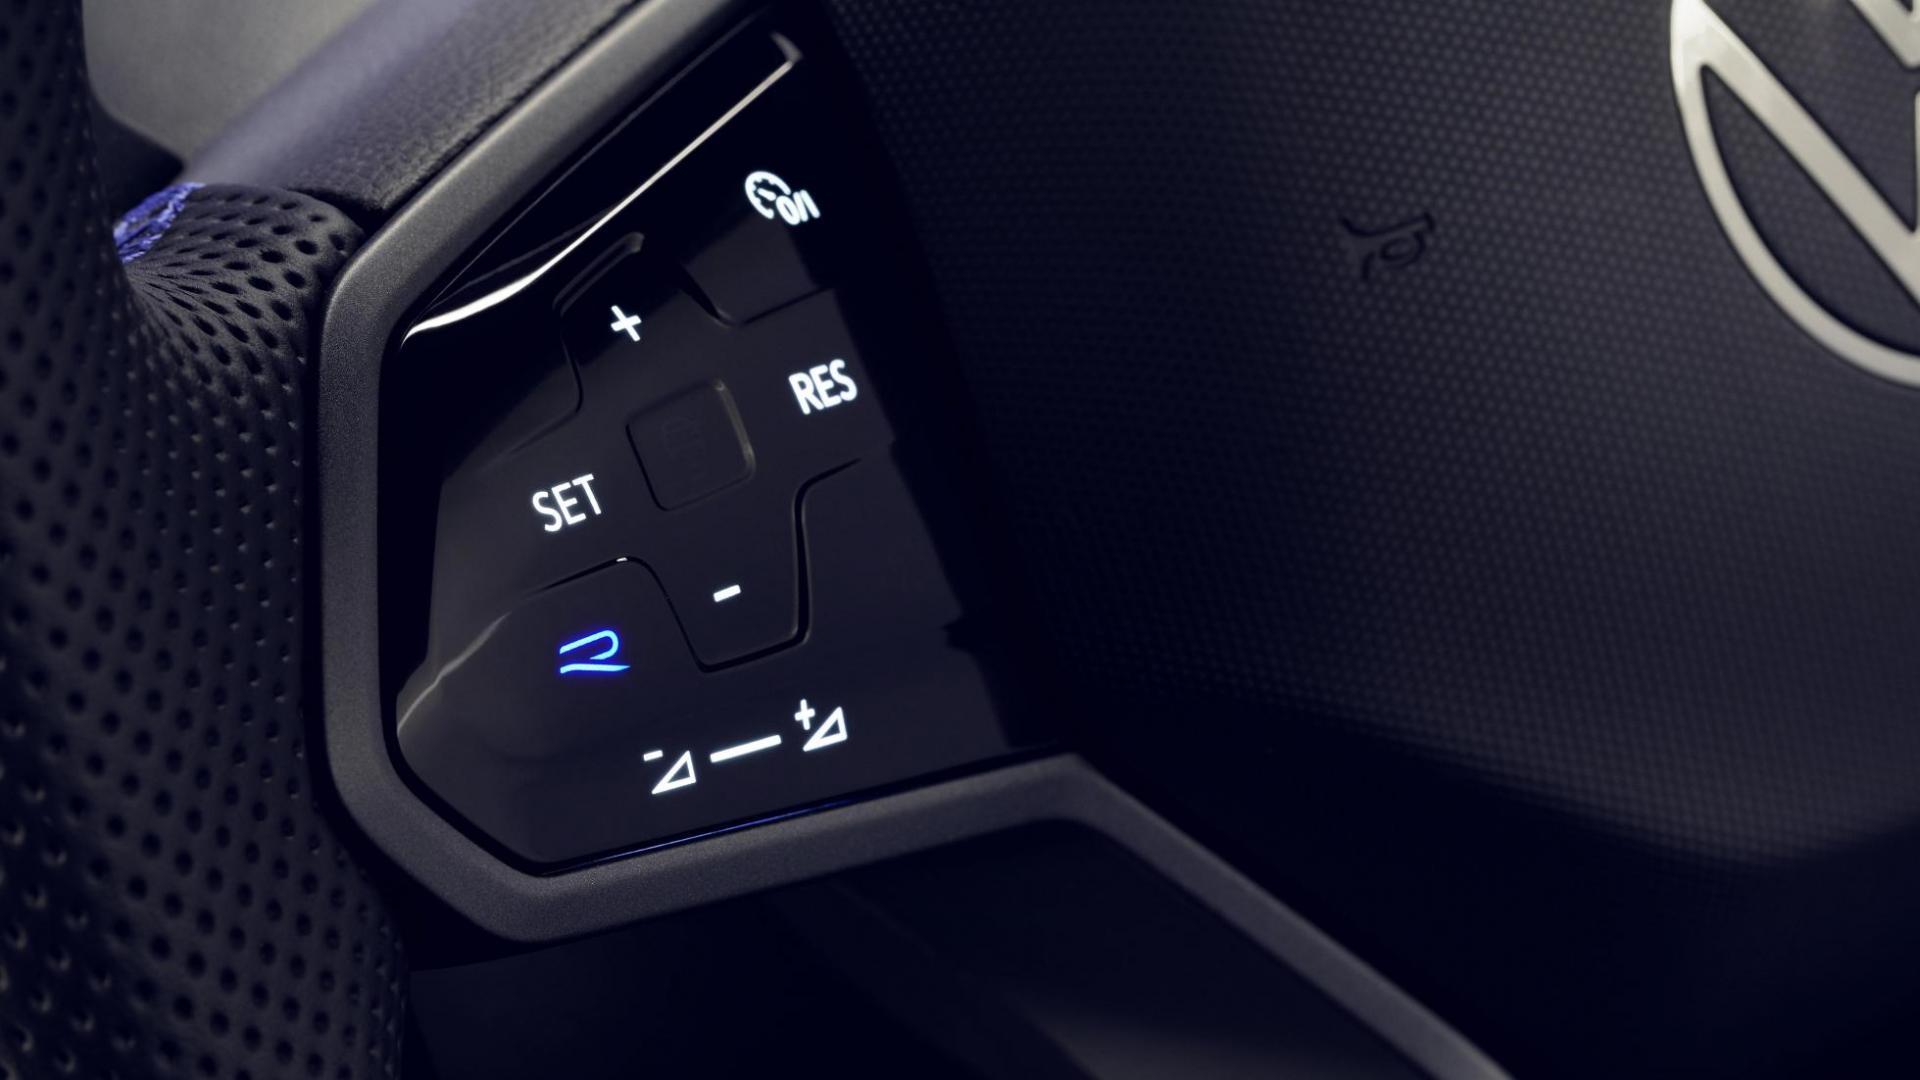 R-knop op stuur Volkswagen Tiguan R 2020